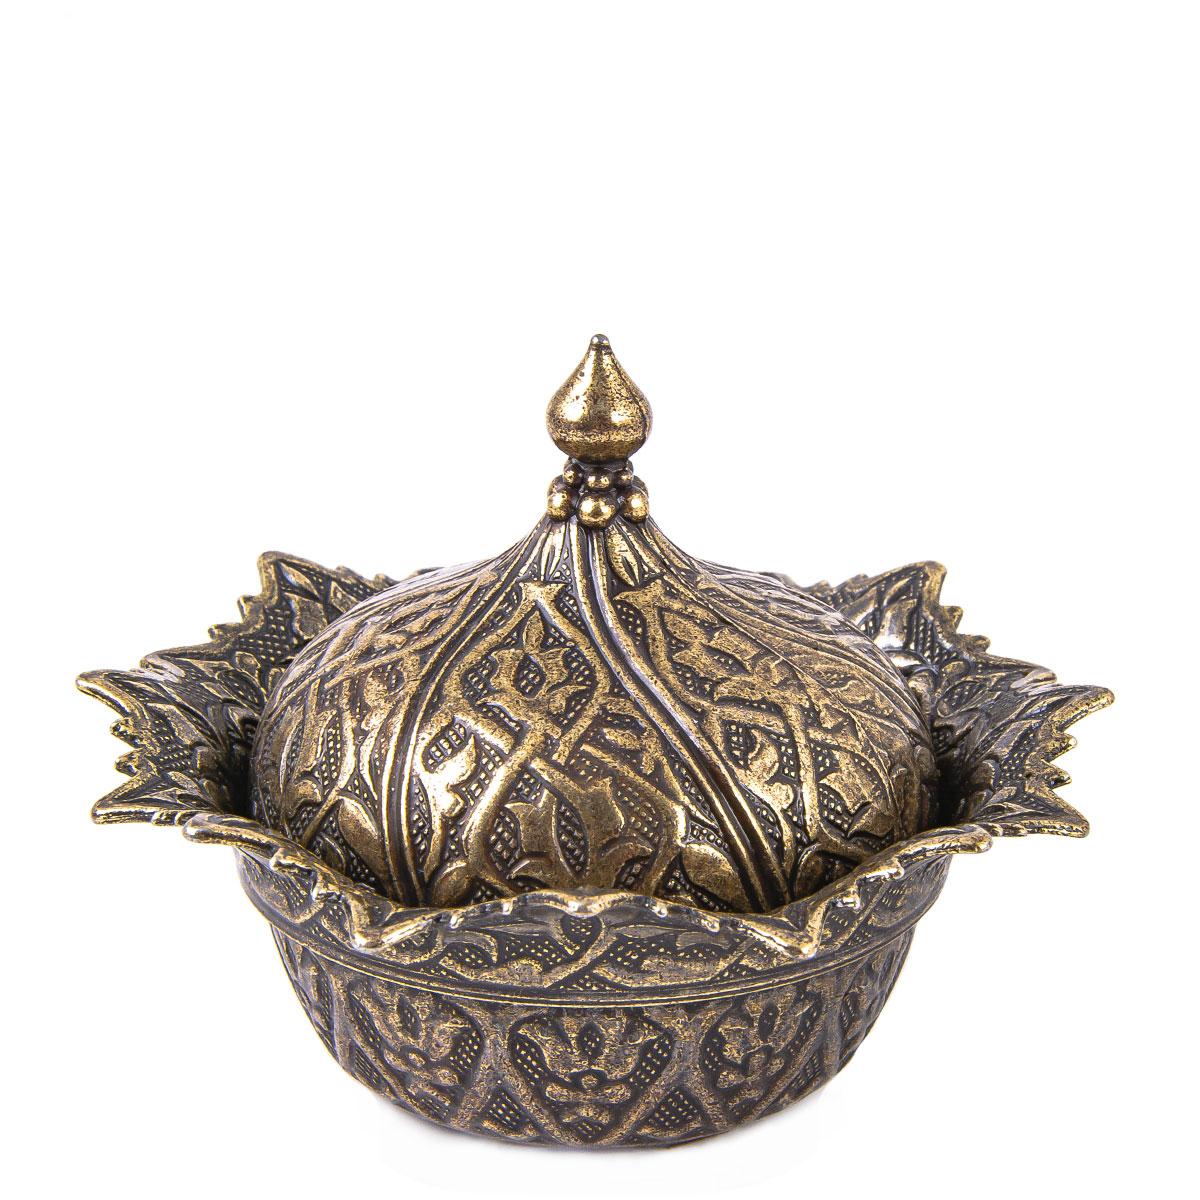 Ottoman Designed Copper Colored Covered Tea Coffee Sugar Turkish Delight Pot